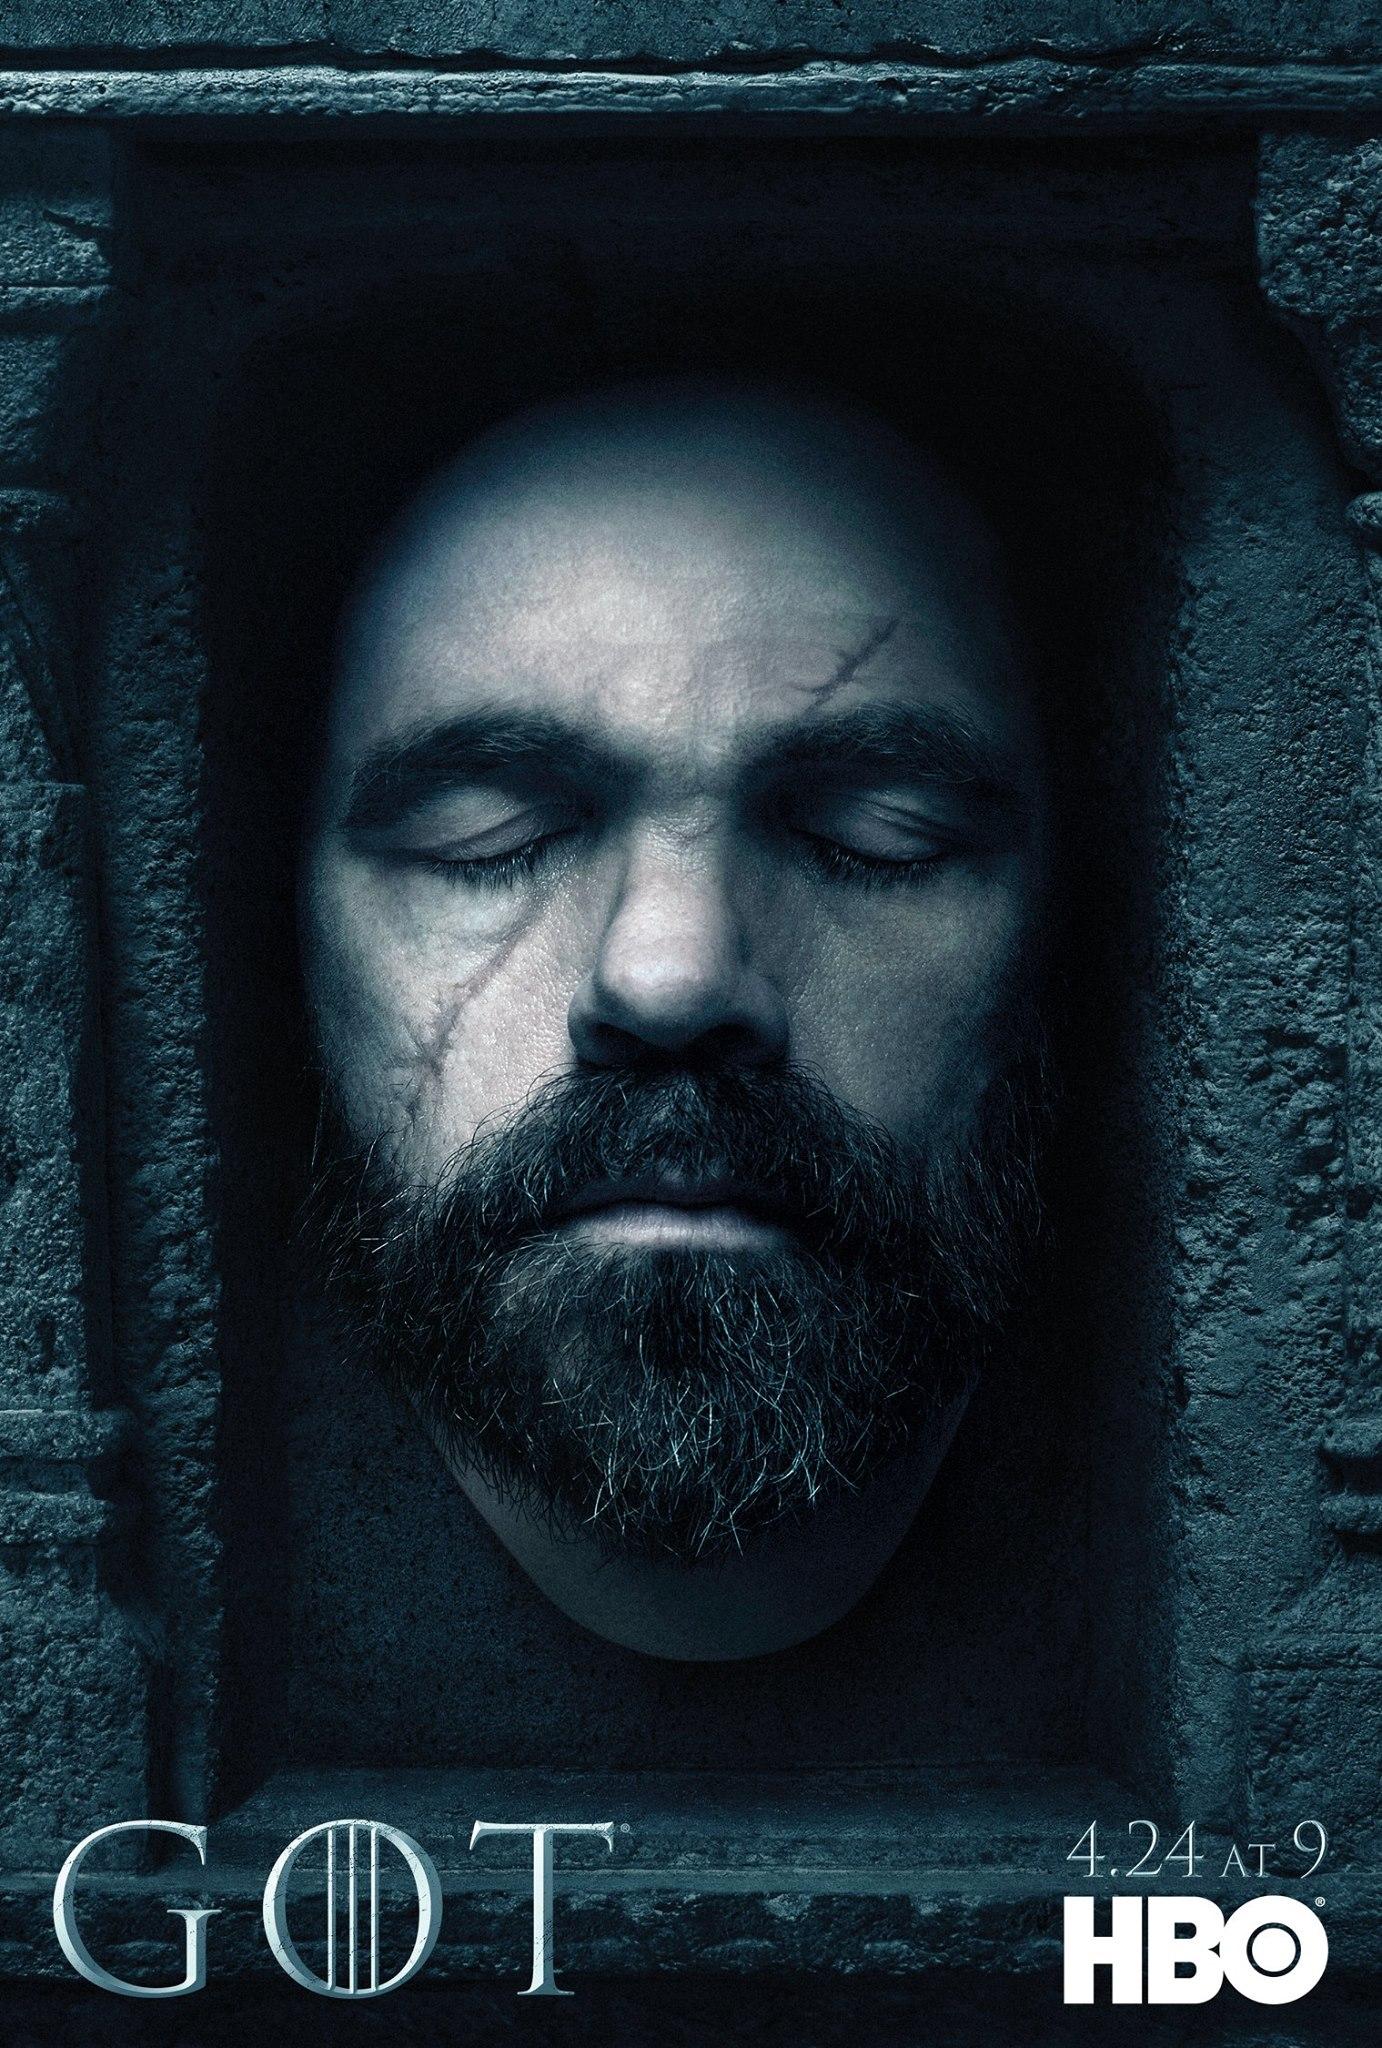 Il trono di spade: il character poster di Tyrion